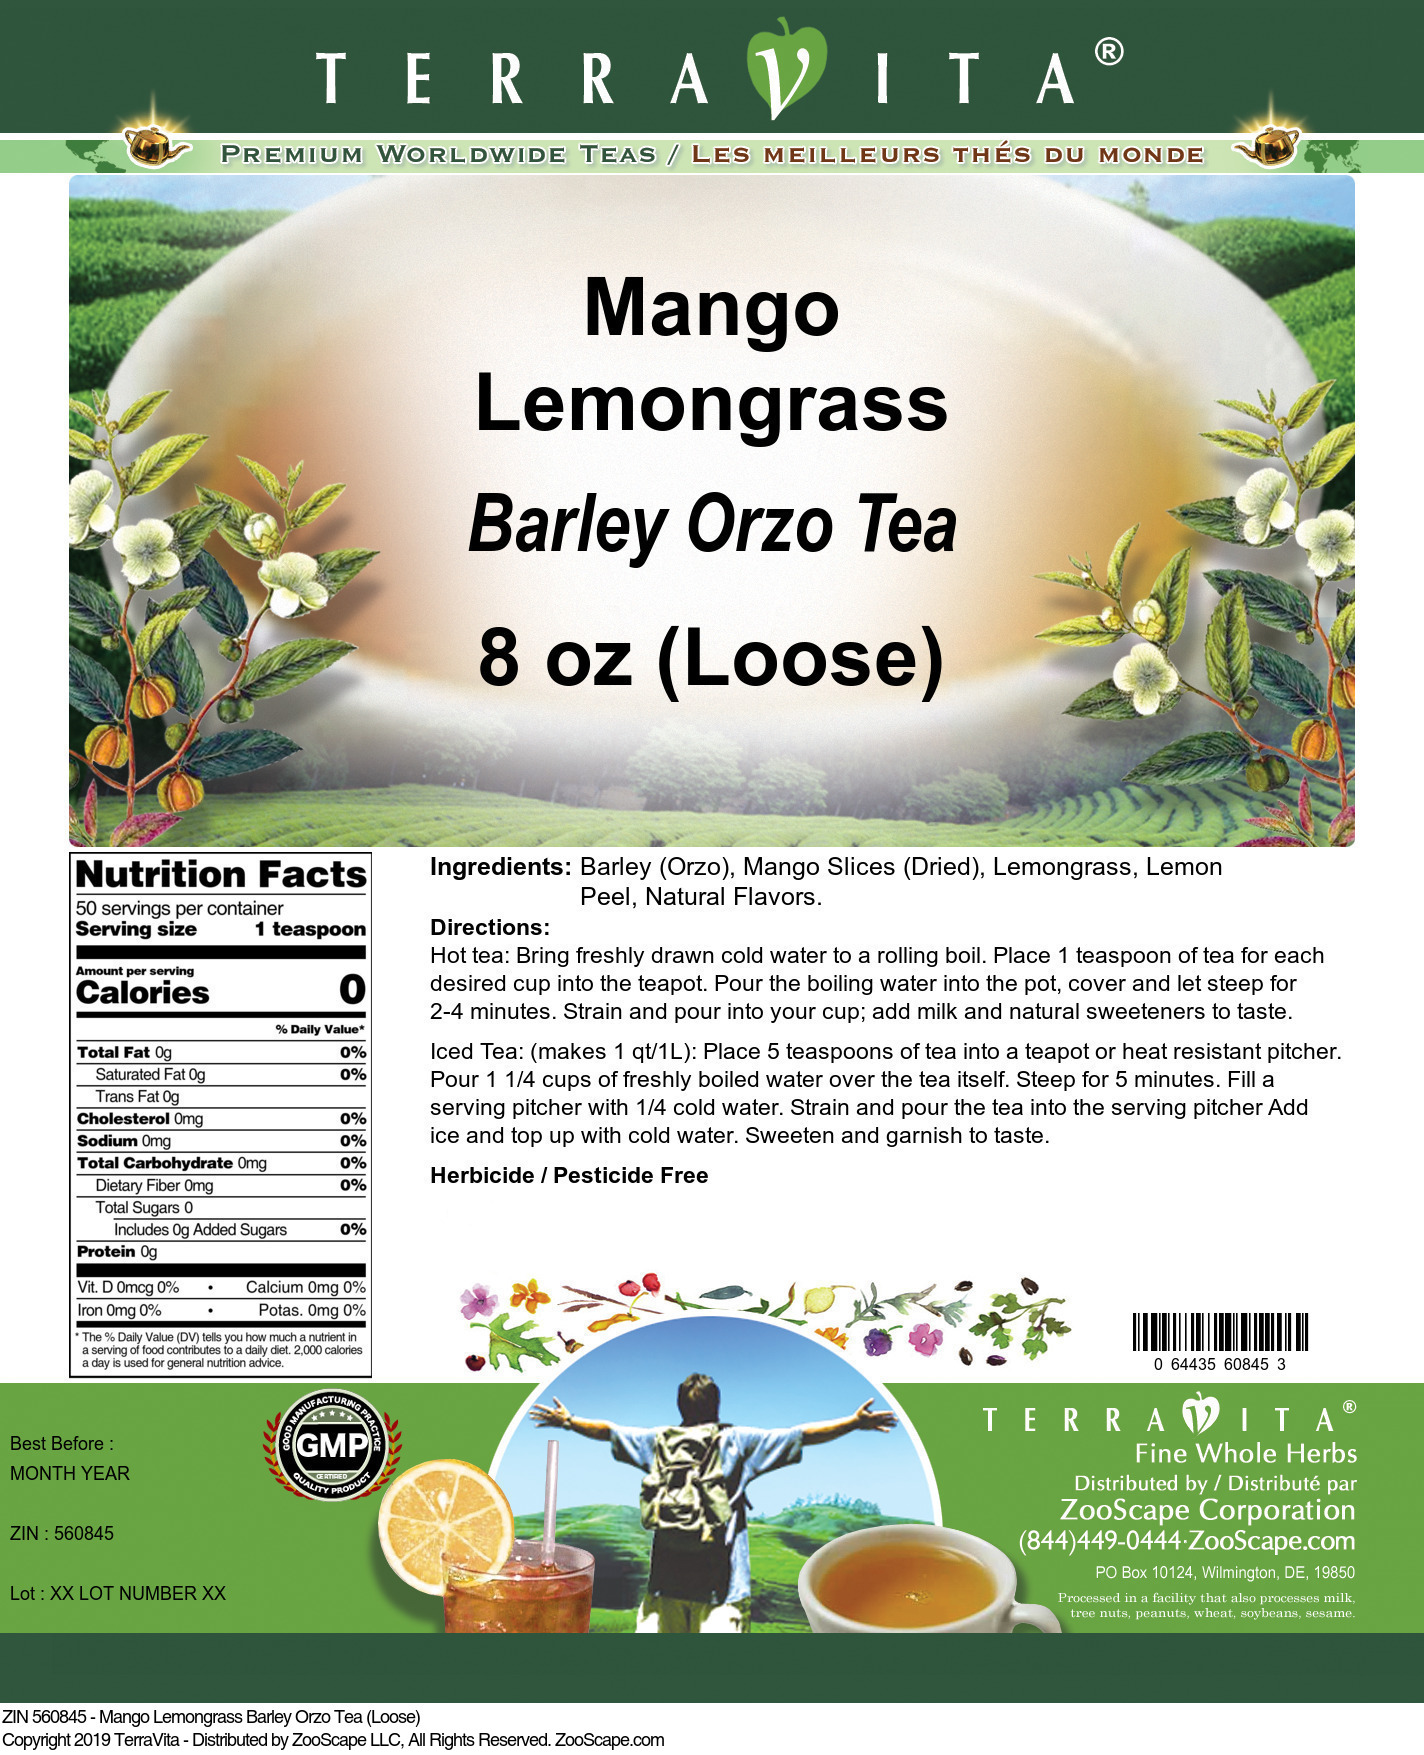 Mango Lemongrass Barley Orzo